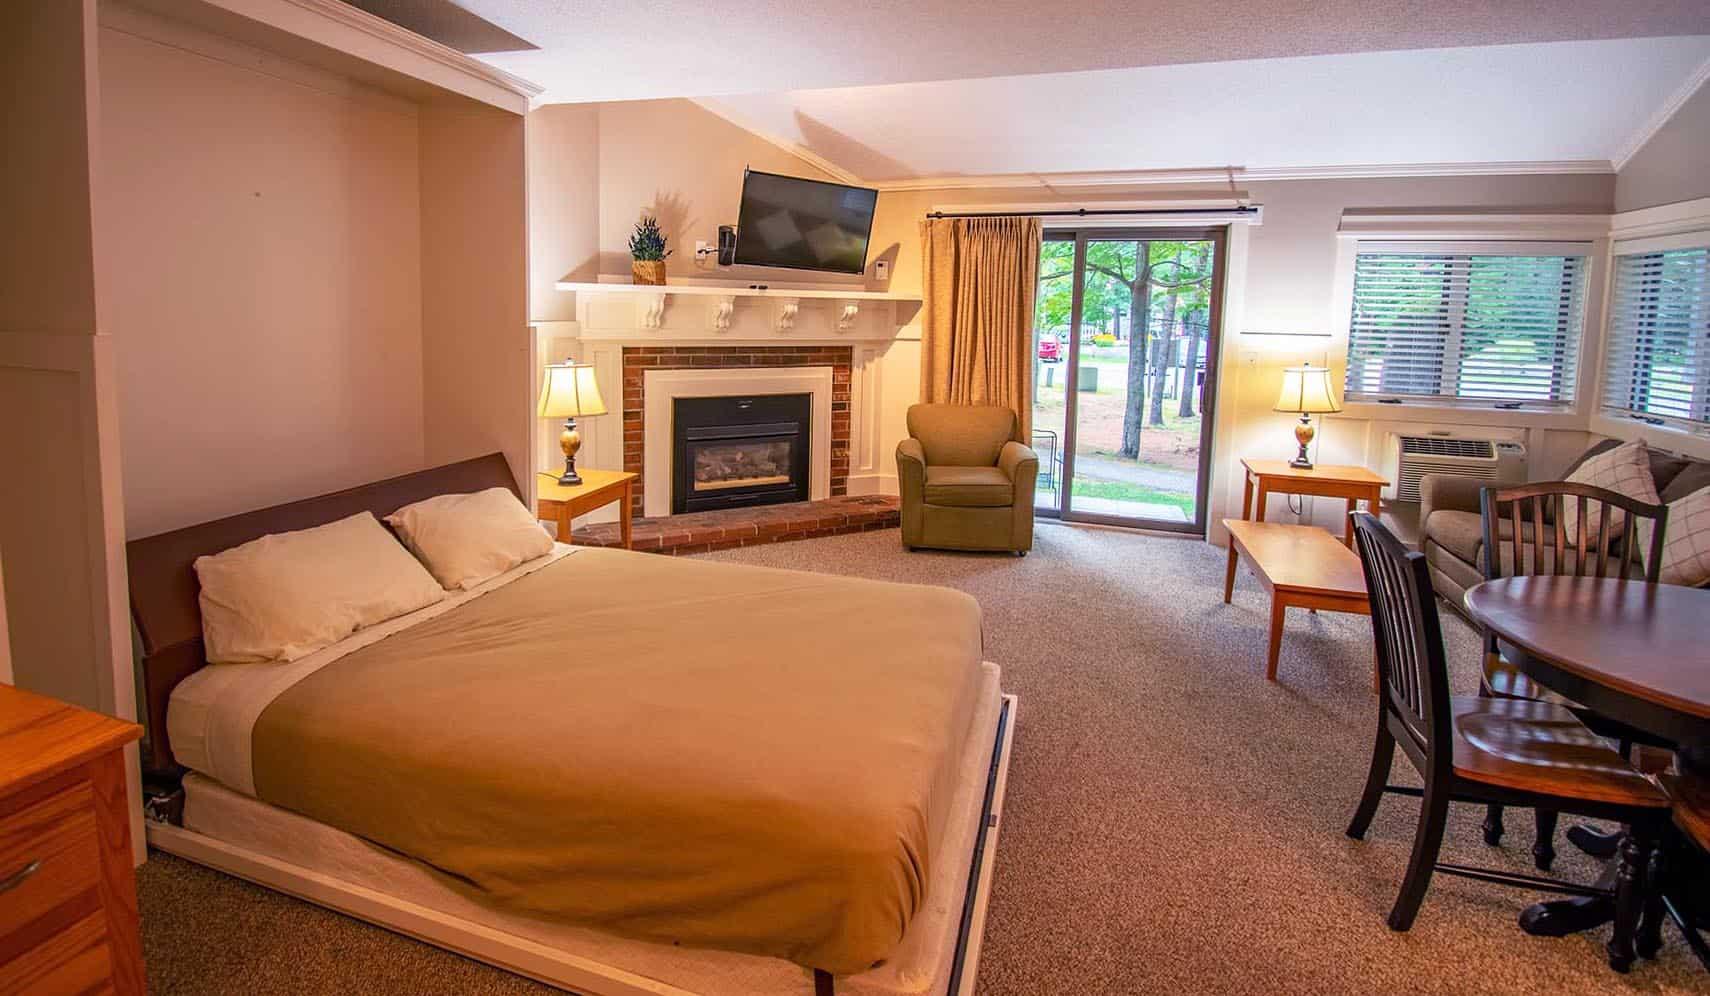 Standard 1-2 bdrm wall bed